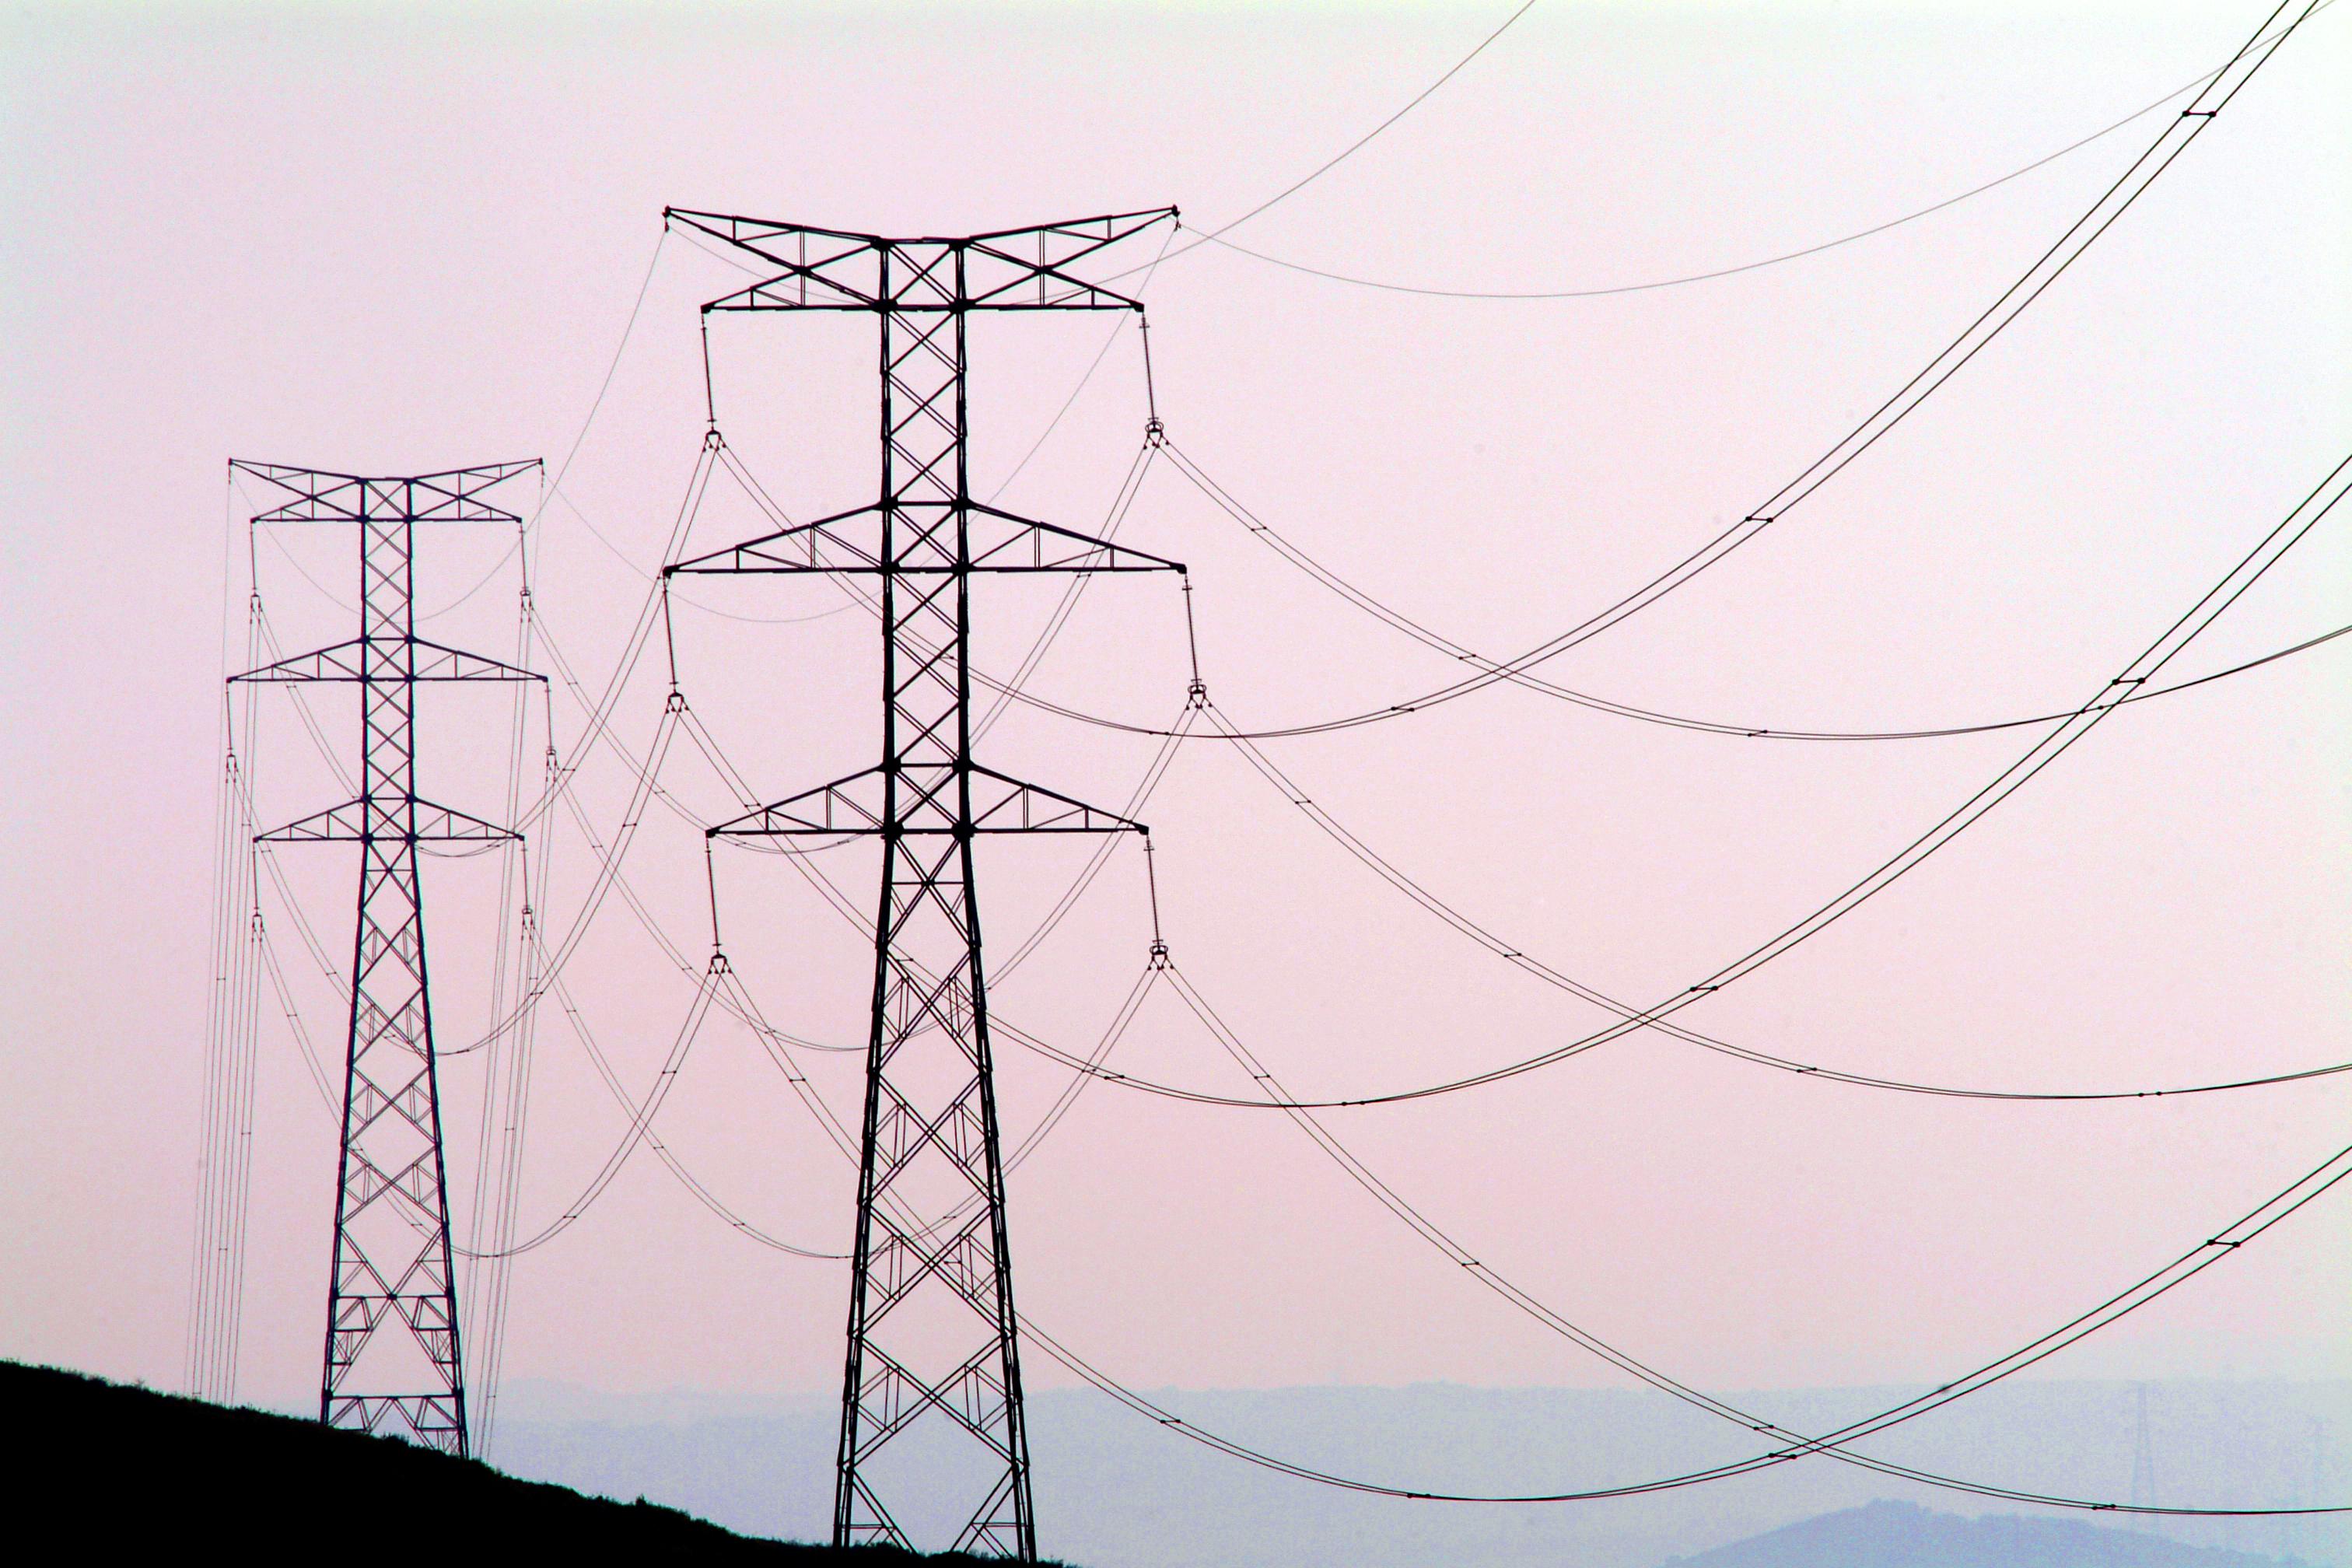 Przyspiesza tempo zmian sprzedawcy prądu